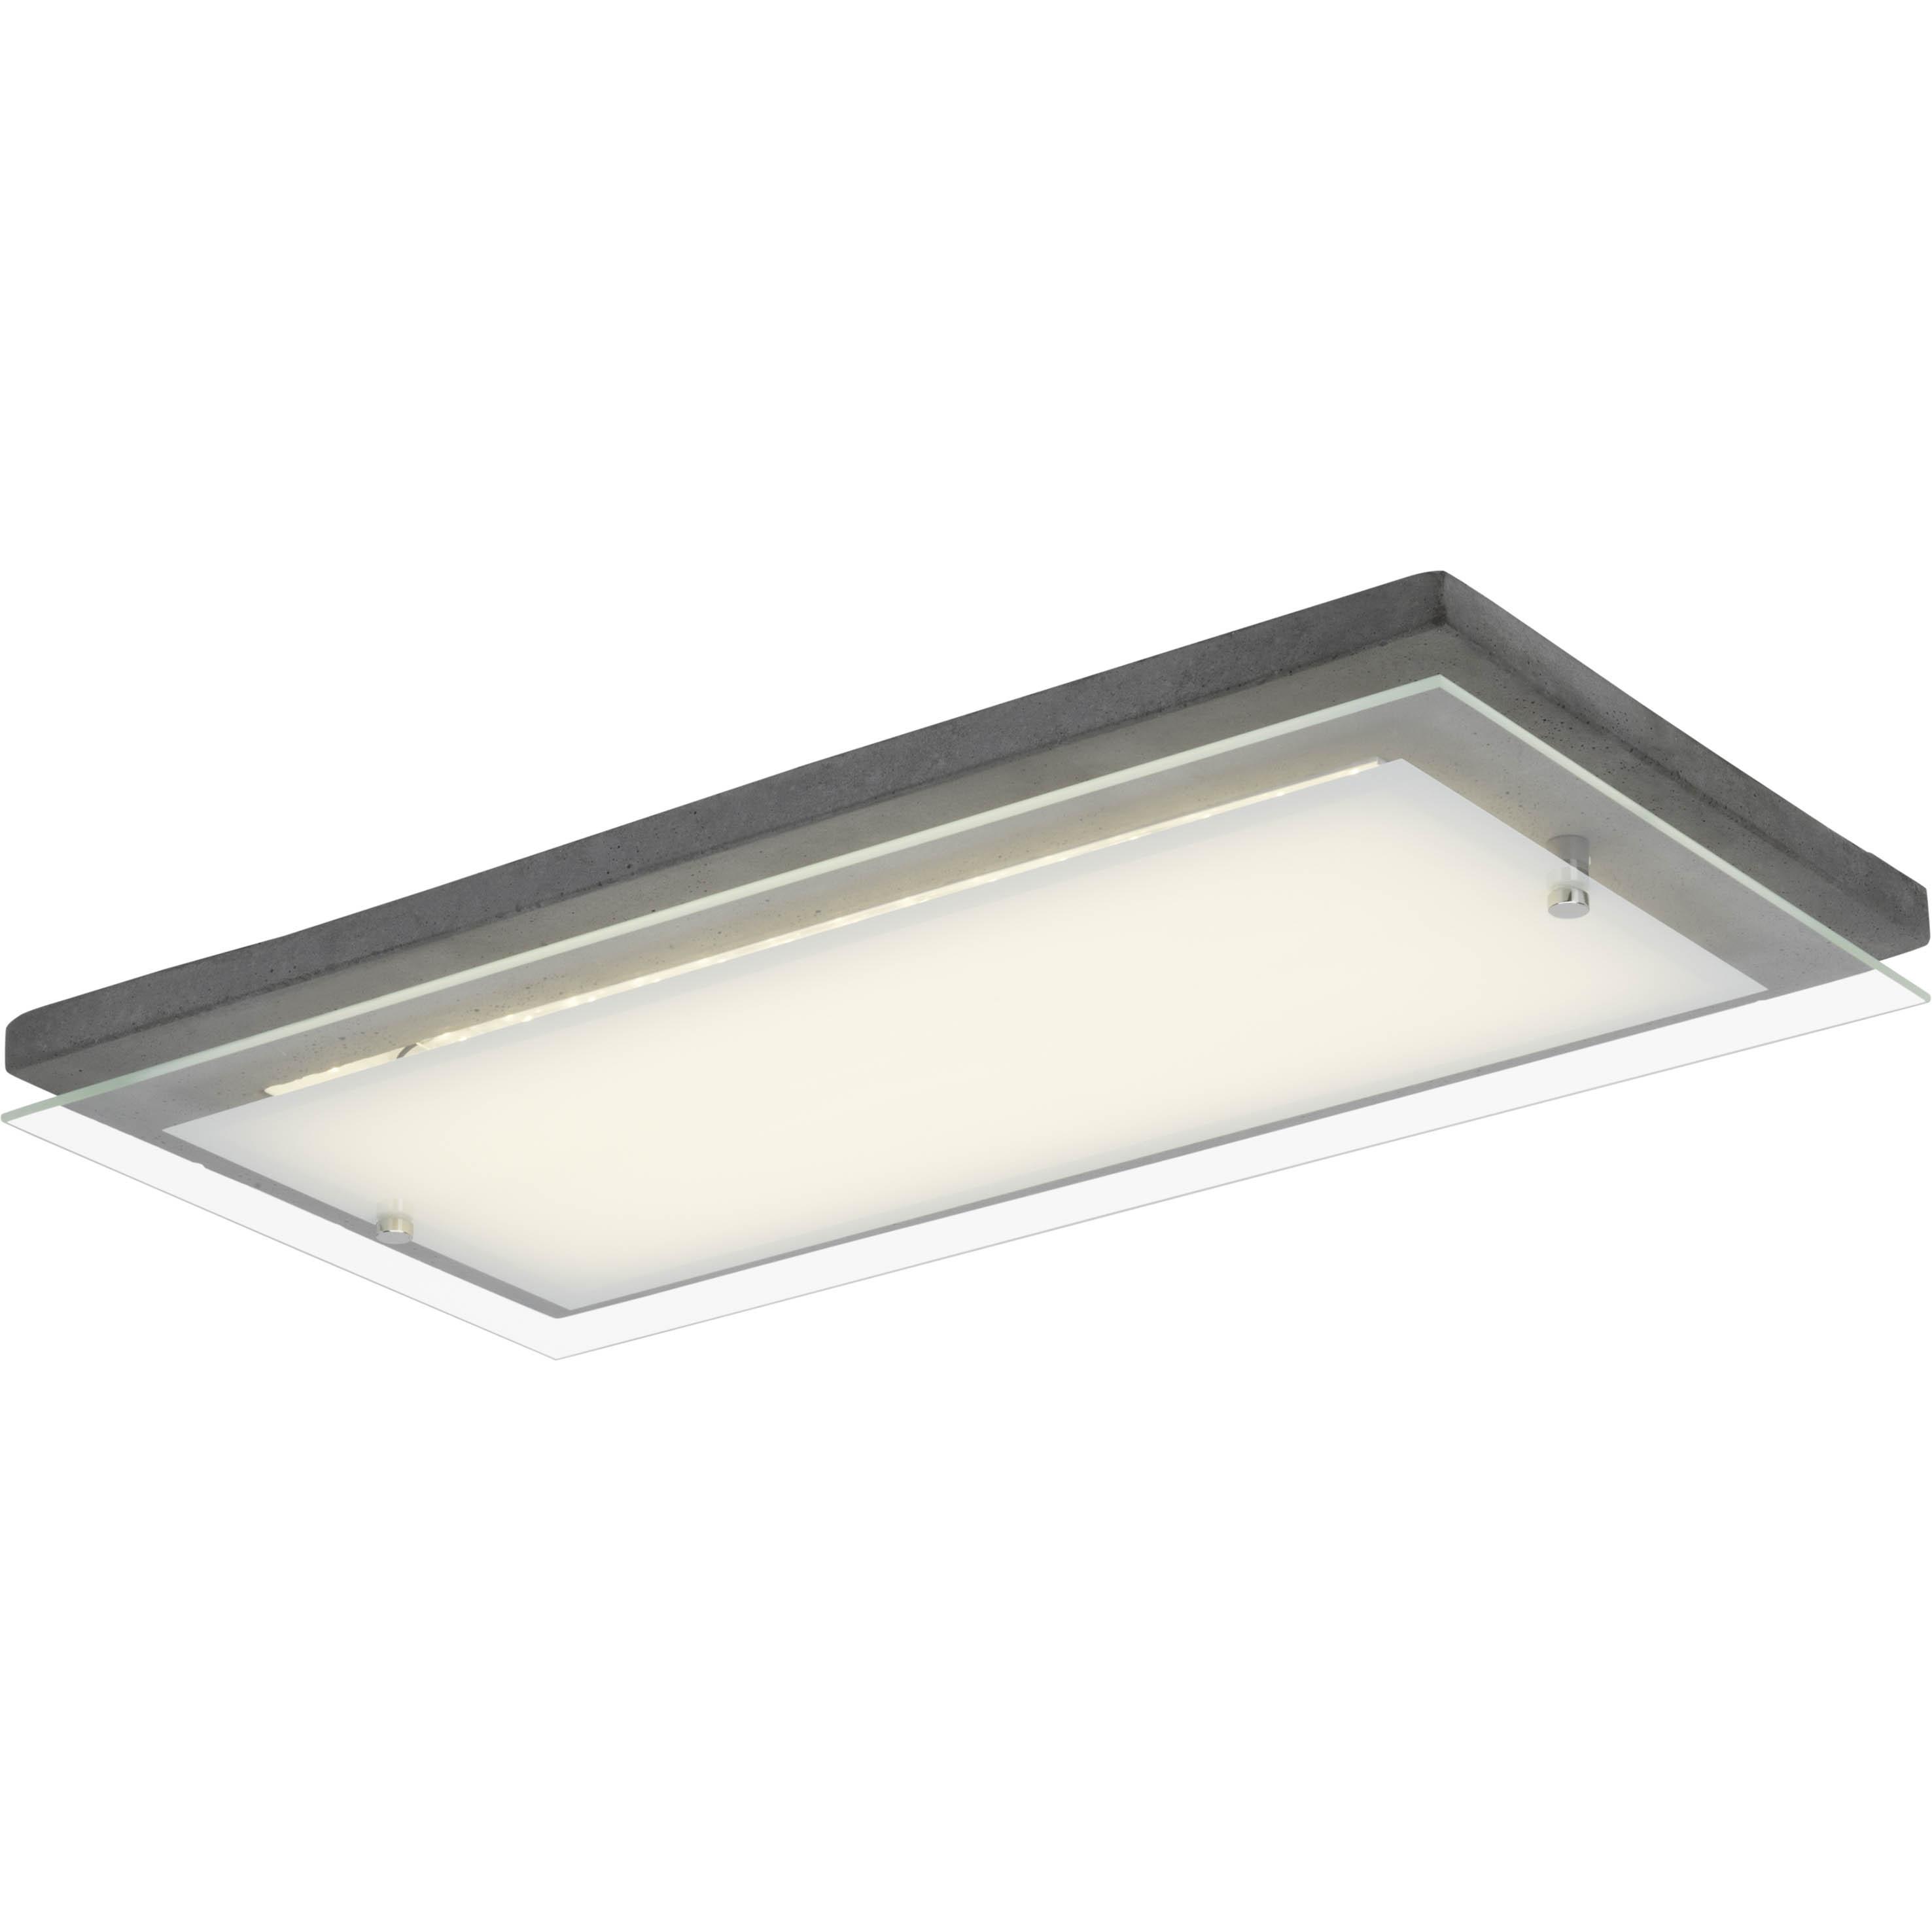 Brilliant Leuchten Hardwood LED Wand- und Deckenleuchte 57x29cm beton/weiß